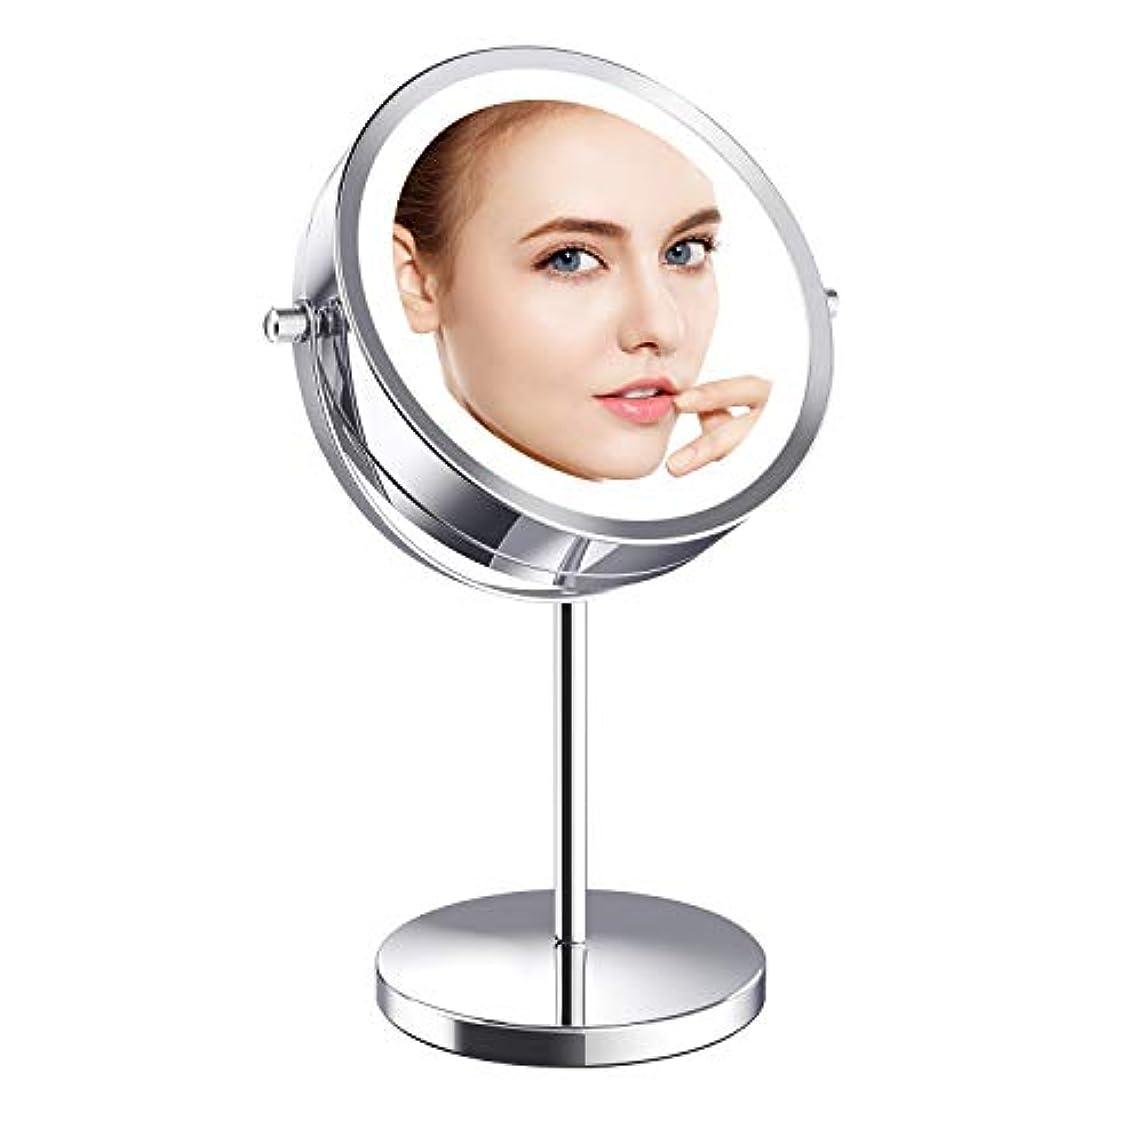 パターン黒板全能Gospire 化粧鏡 10倍拡大鏡+等倍鏡 LED卓上化粧鏡 メイクミラー 両面型 360度回転式 日本語説明書付き ライティングミラー プレゼント